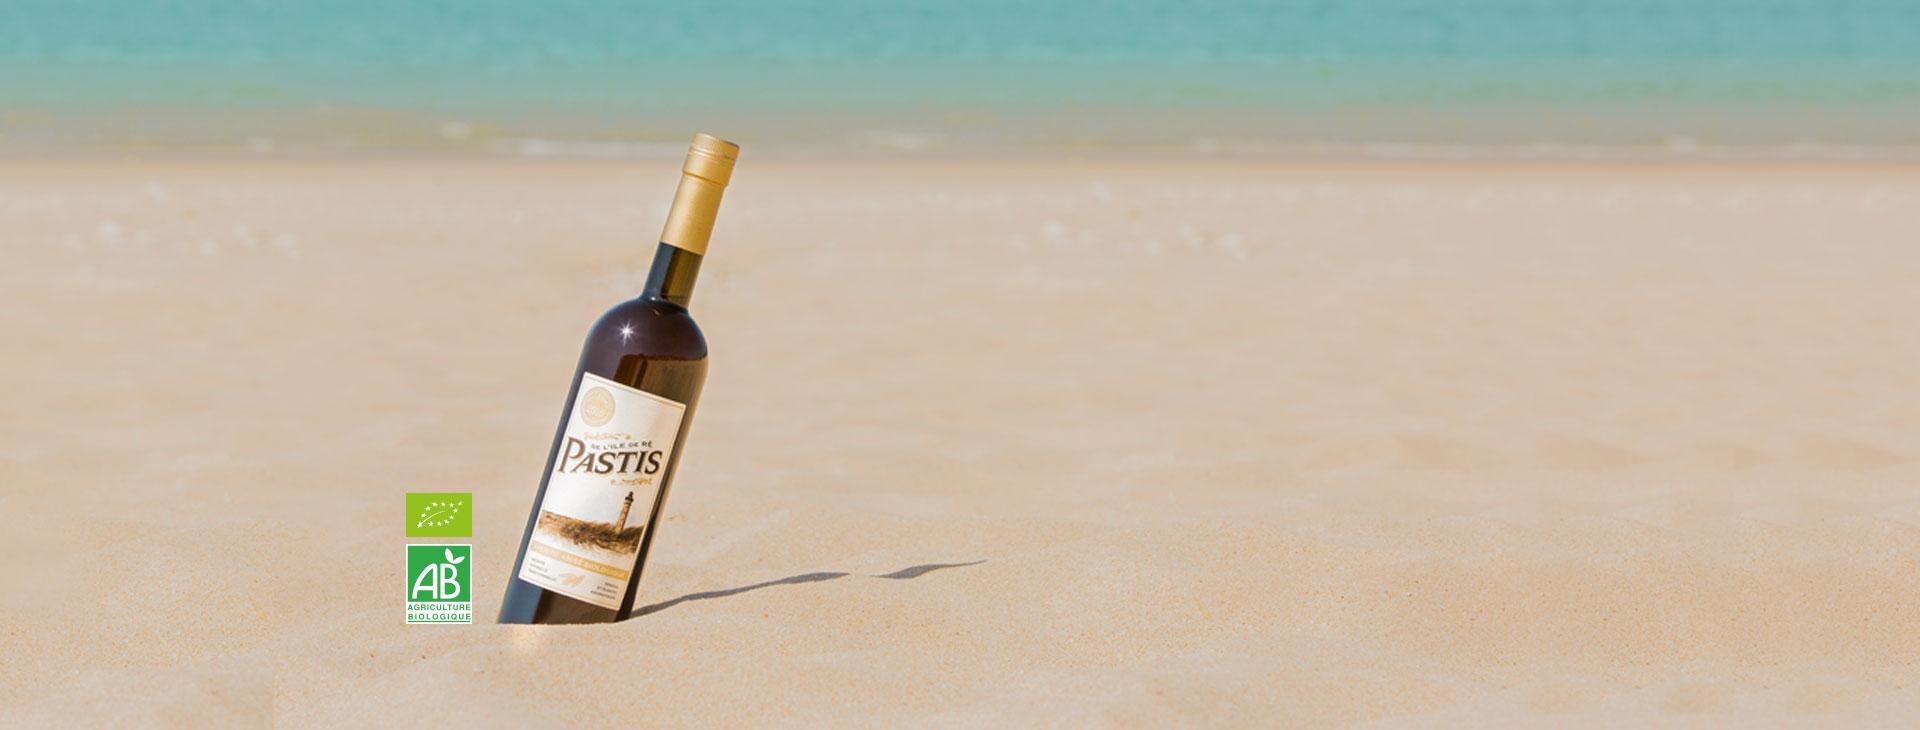 pastis-de-re-bouteille-plage-2018